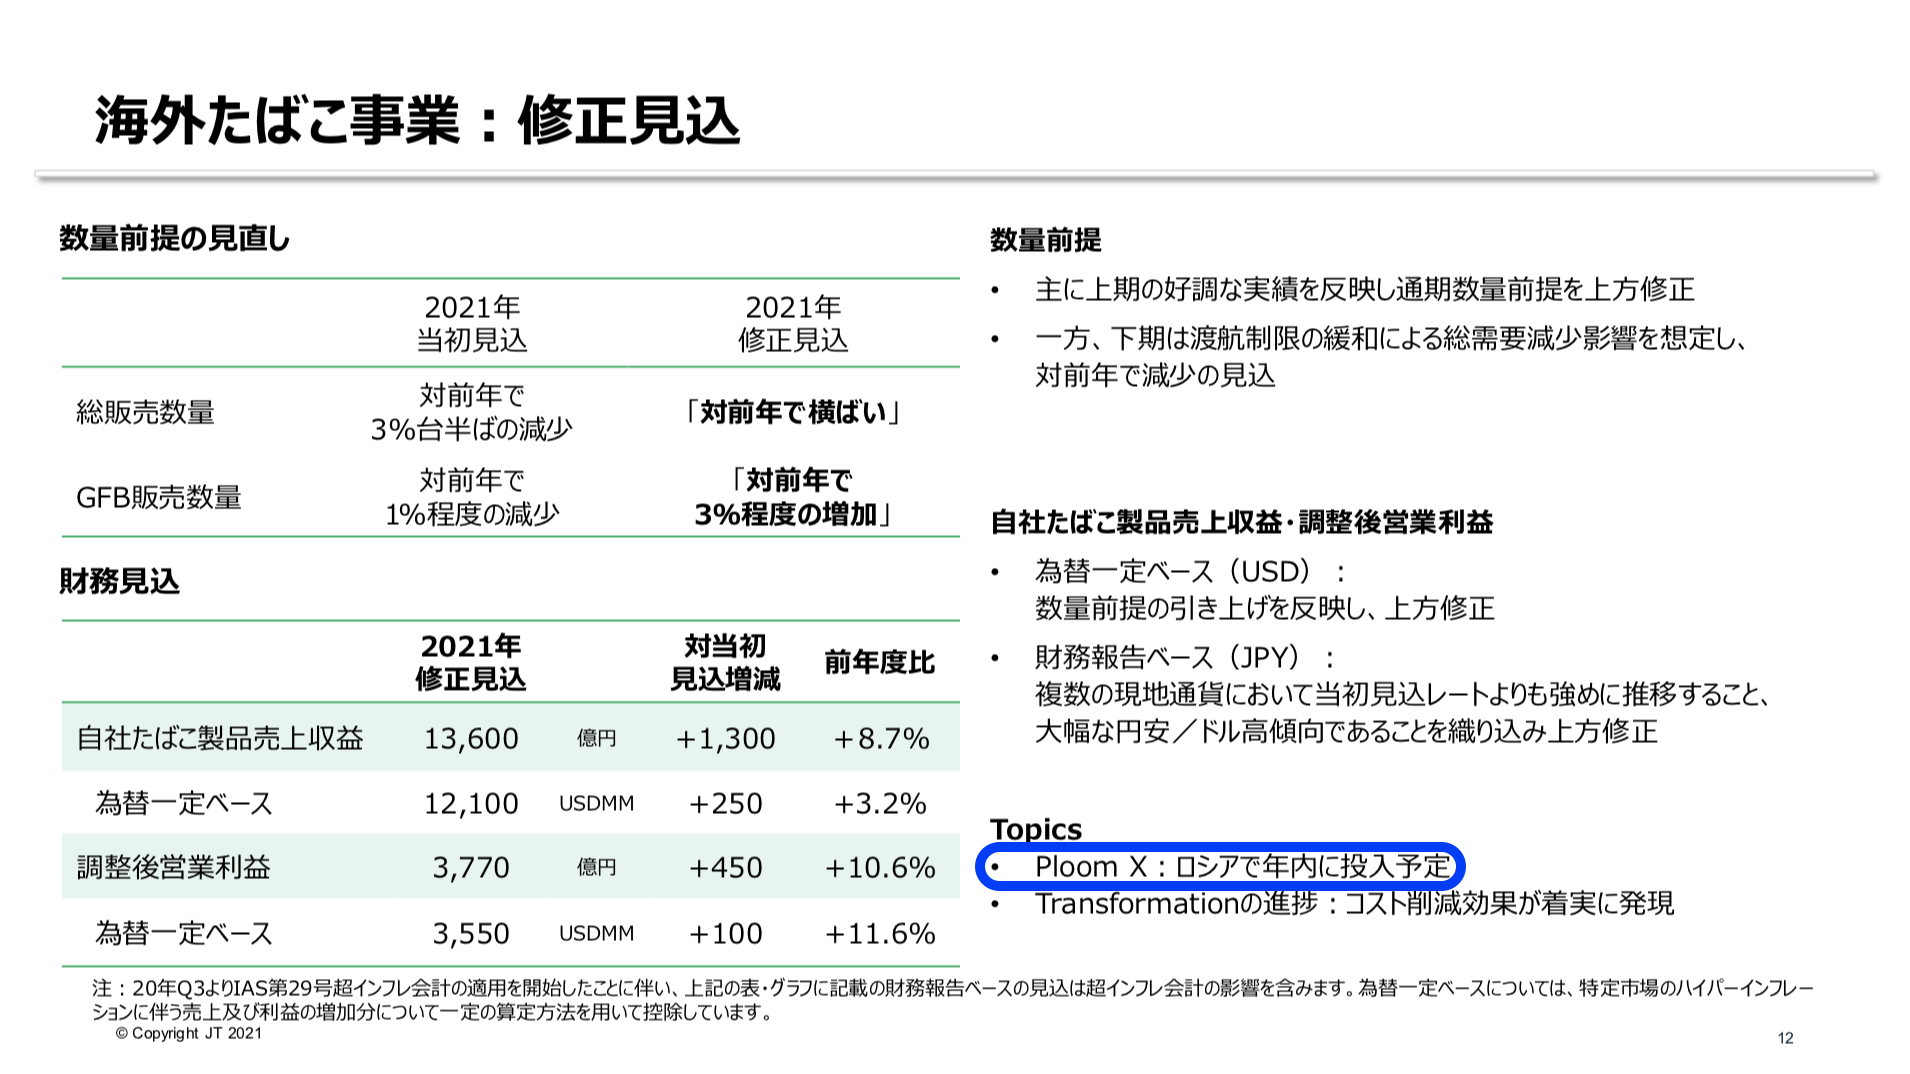 日本たばこ産業(JT) 2021年度2Q決算を徹底解説! さとり世代の株日記 資産運用 株 投資 資産形成